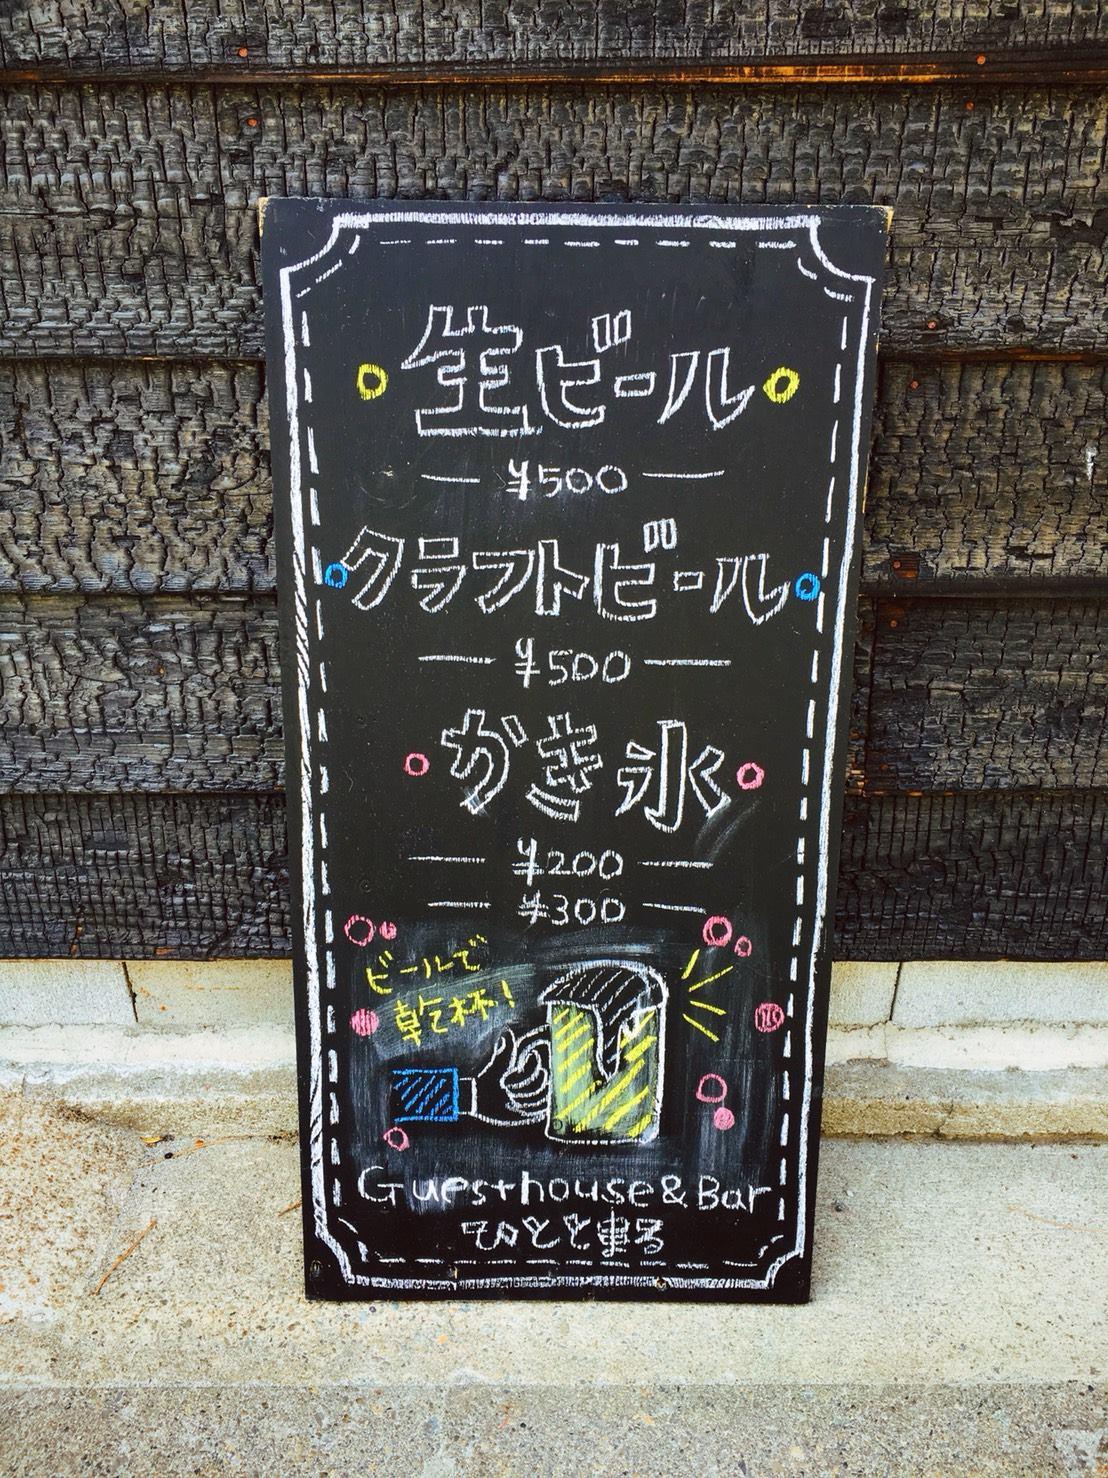 8月25日(土)は海町マーケット